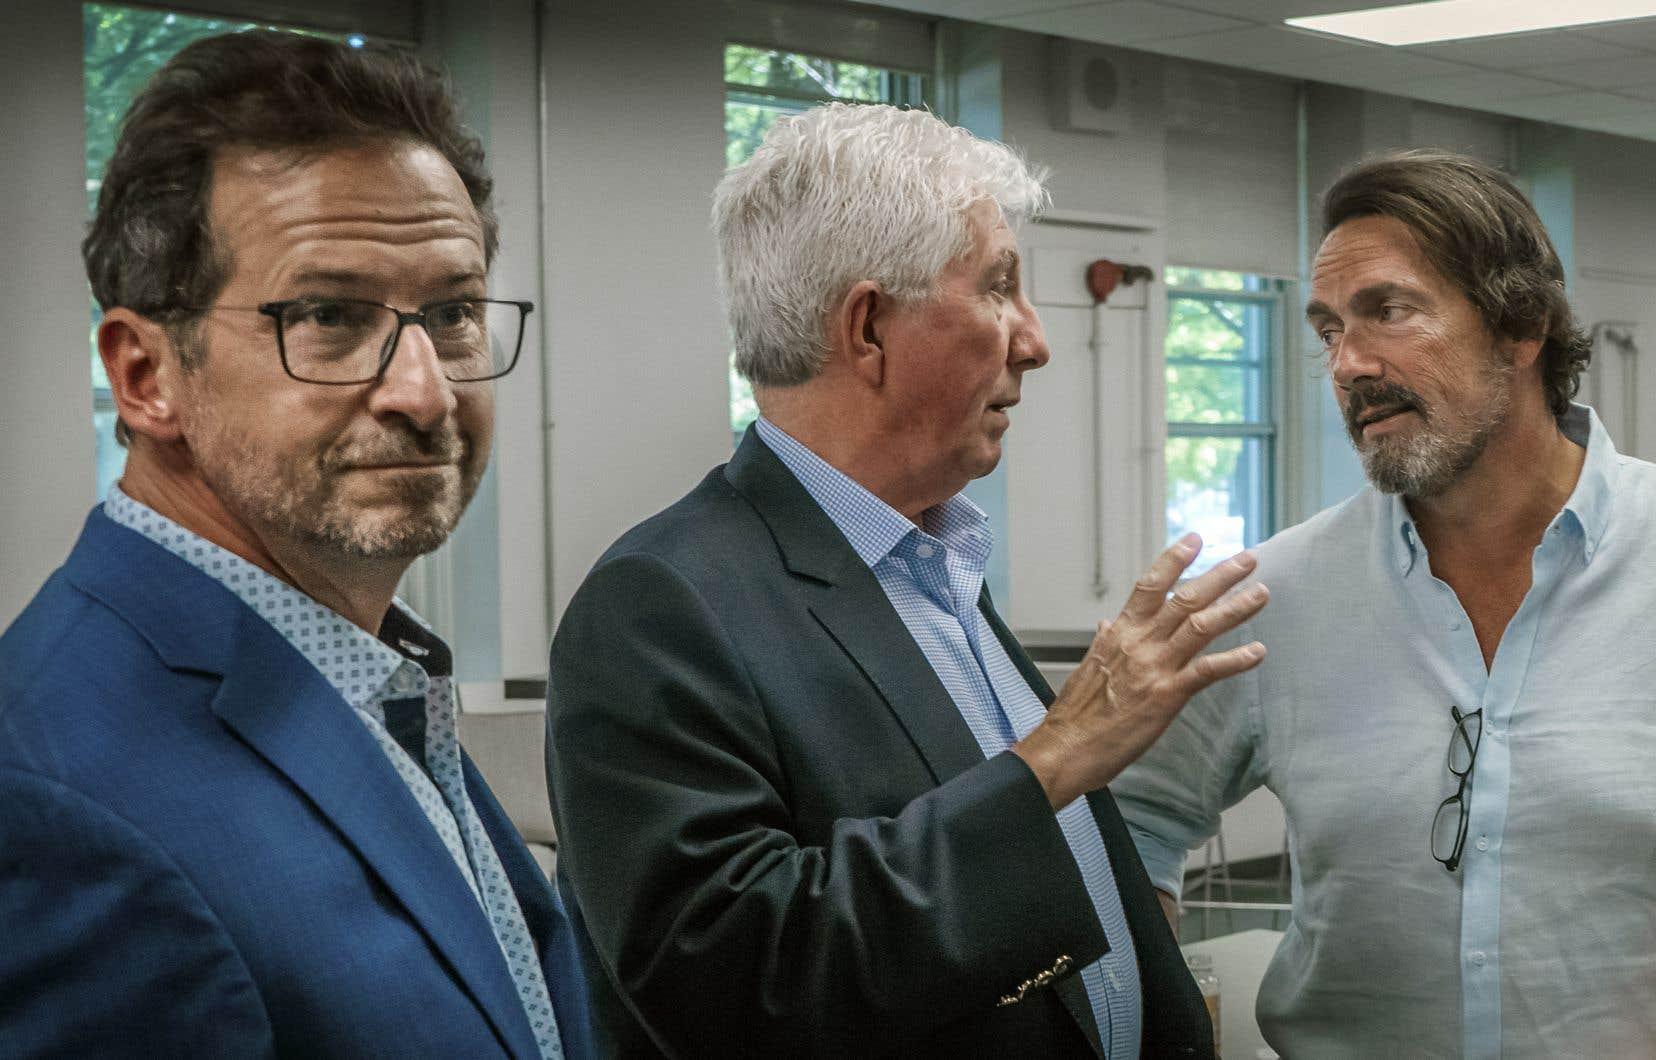 Les anciens chefs du Bloc québécois et du Parti québécois, Gilles Duceppe (au centre) et Pierre Karl Péladeau (à droite), étaient présents dimanche lors d'un rassemblement du parti fédéral souverainiste maintenant dirigé par Yves-François Blanchet (à gauche).